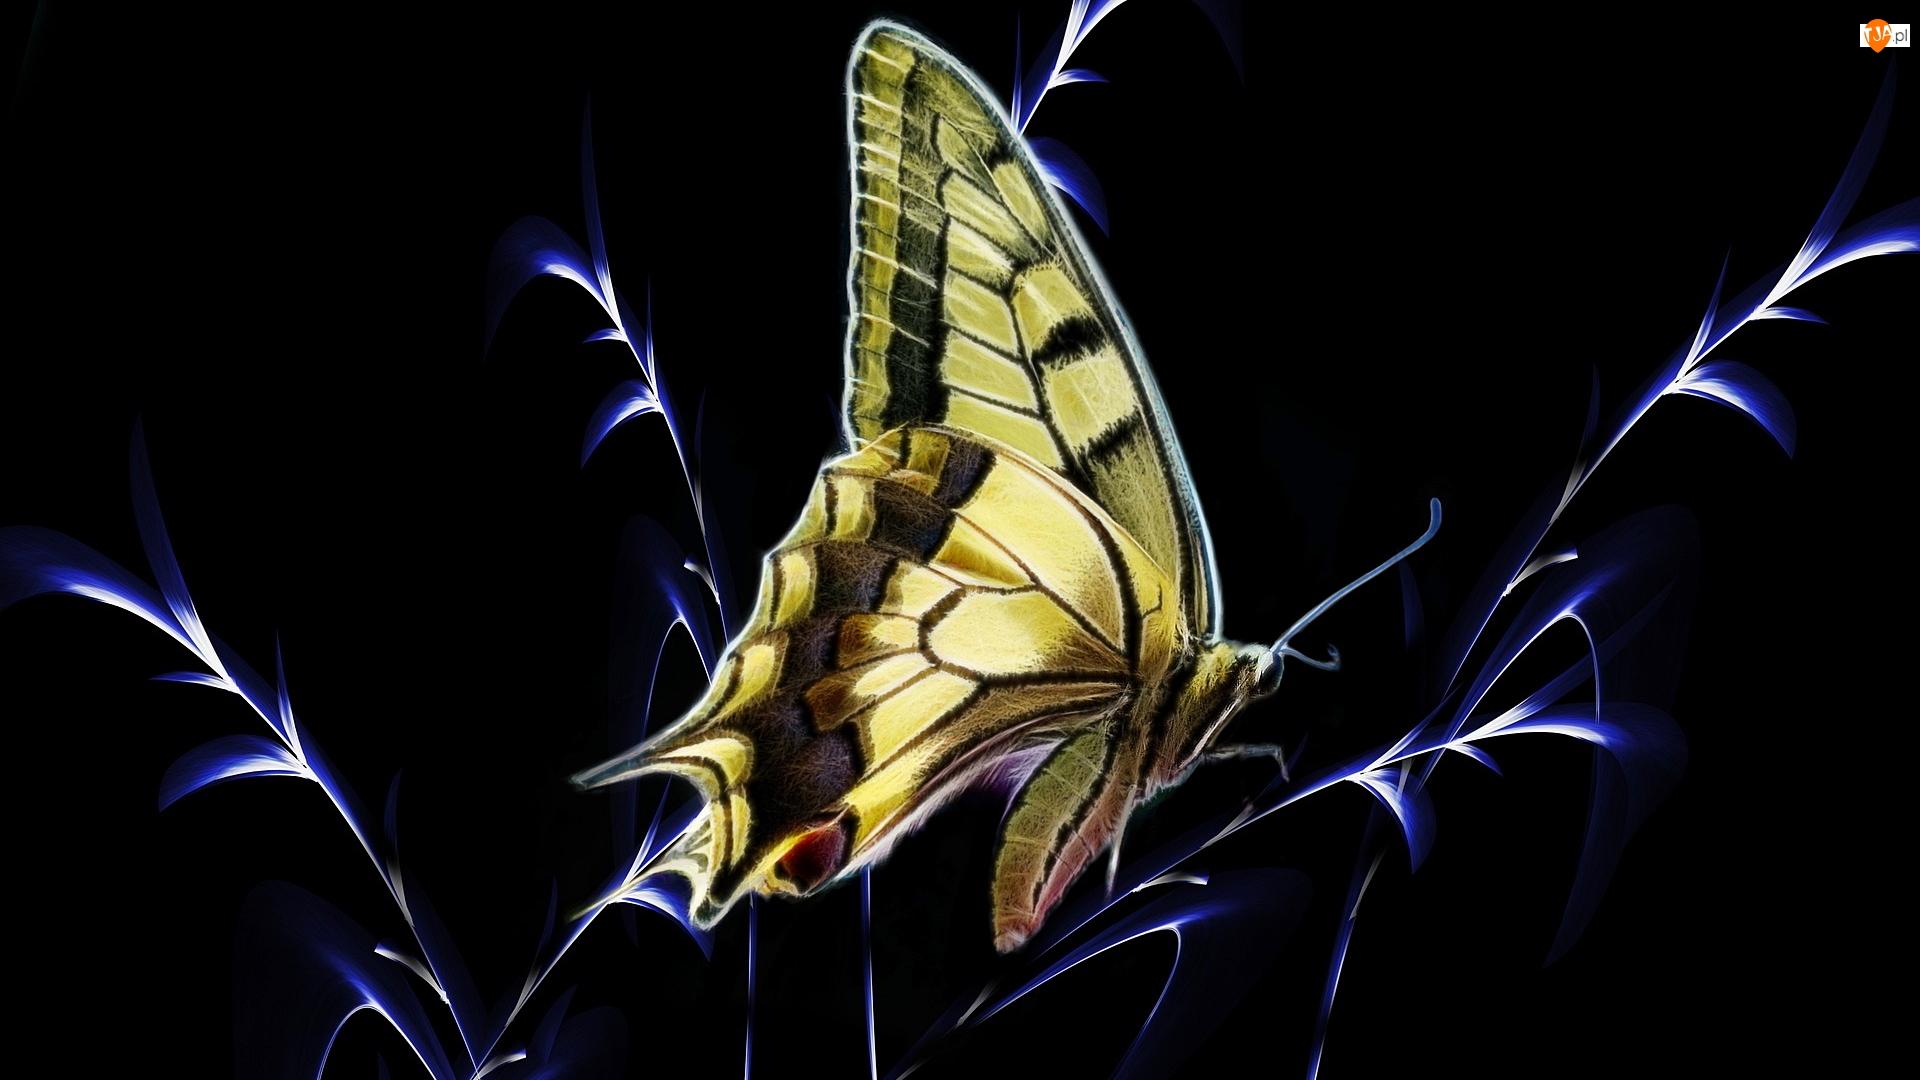 Paź królowej, Motyl, Czarne, Grafika, Trawa, Tło